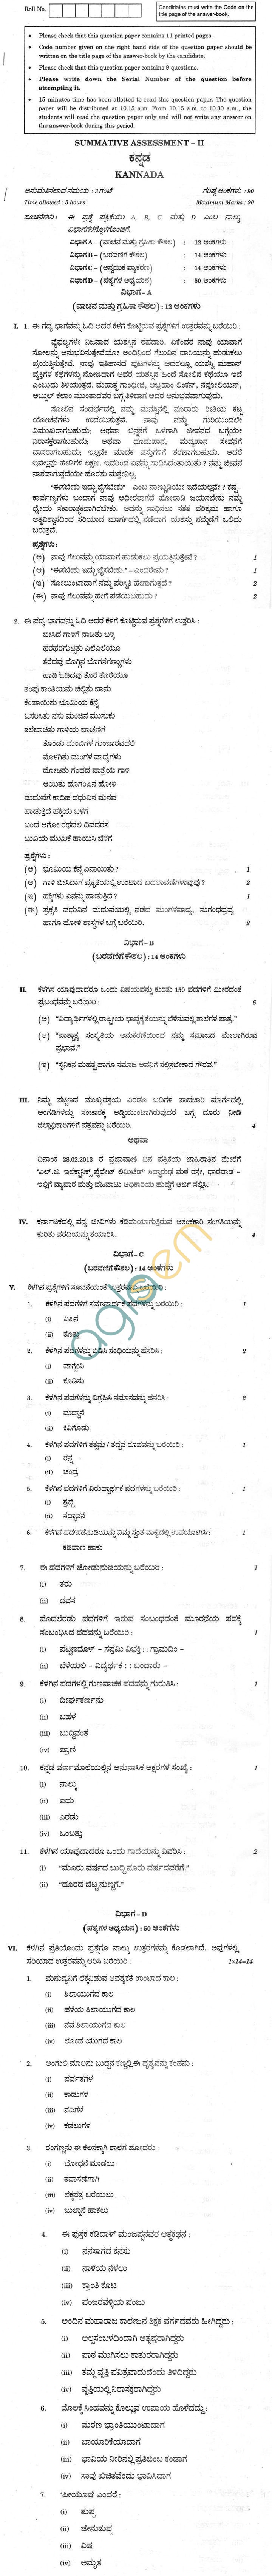 CBSE Compartment Exam 2013 Class X Question Paper -Kannada